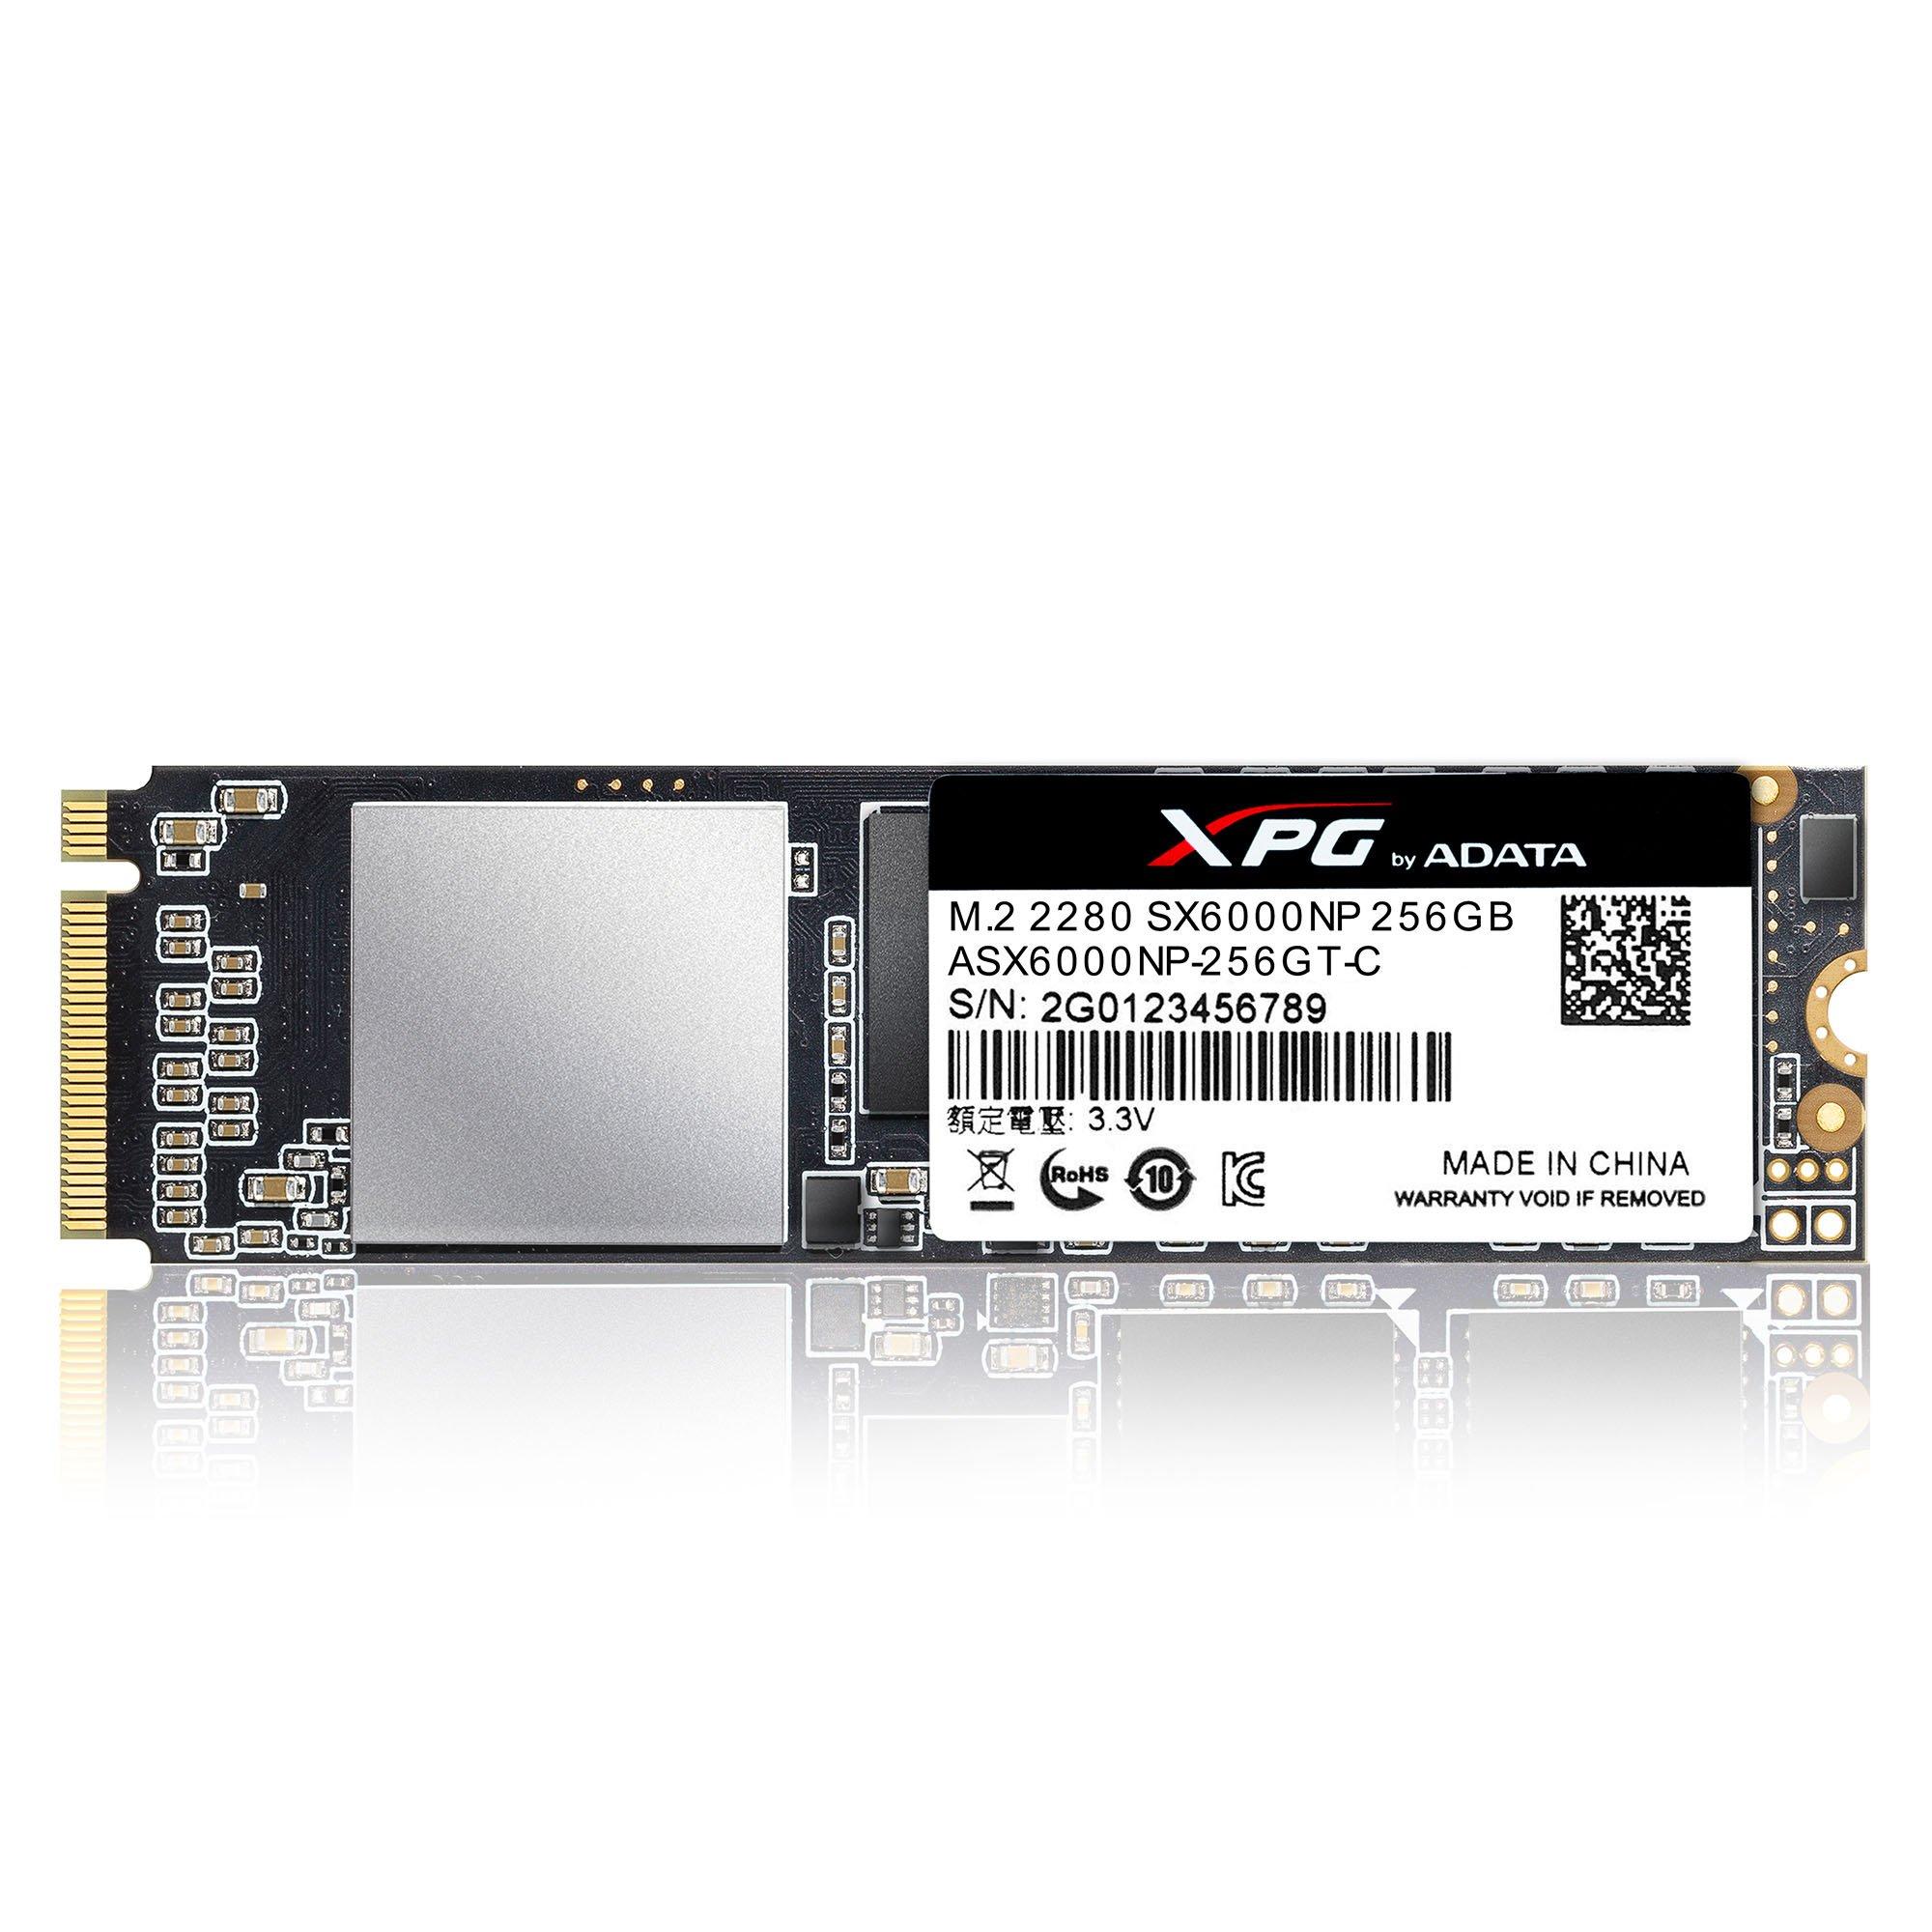 ADATA XPG SX6000 PCIe 256GB 3D NAND PCIe Gen3x2 M.2 2280 NVMe 1.2 R/W up to 1000/800MB/s Solid State Drive (ASX6000NP-256GT-C) by ADATA